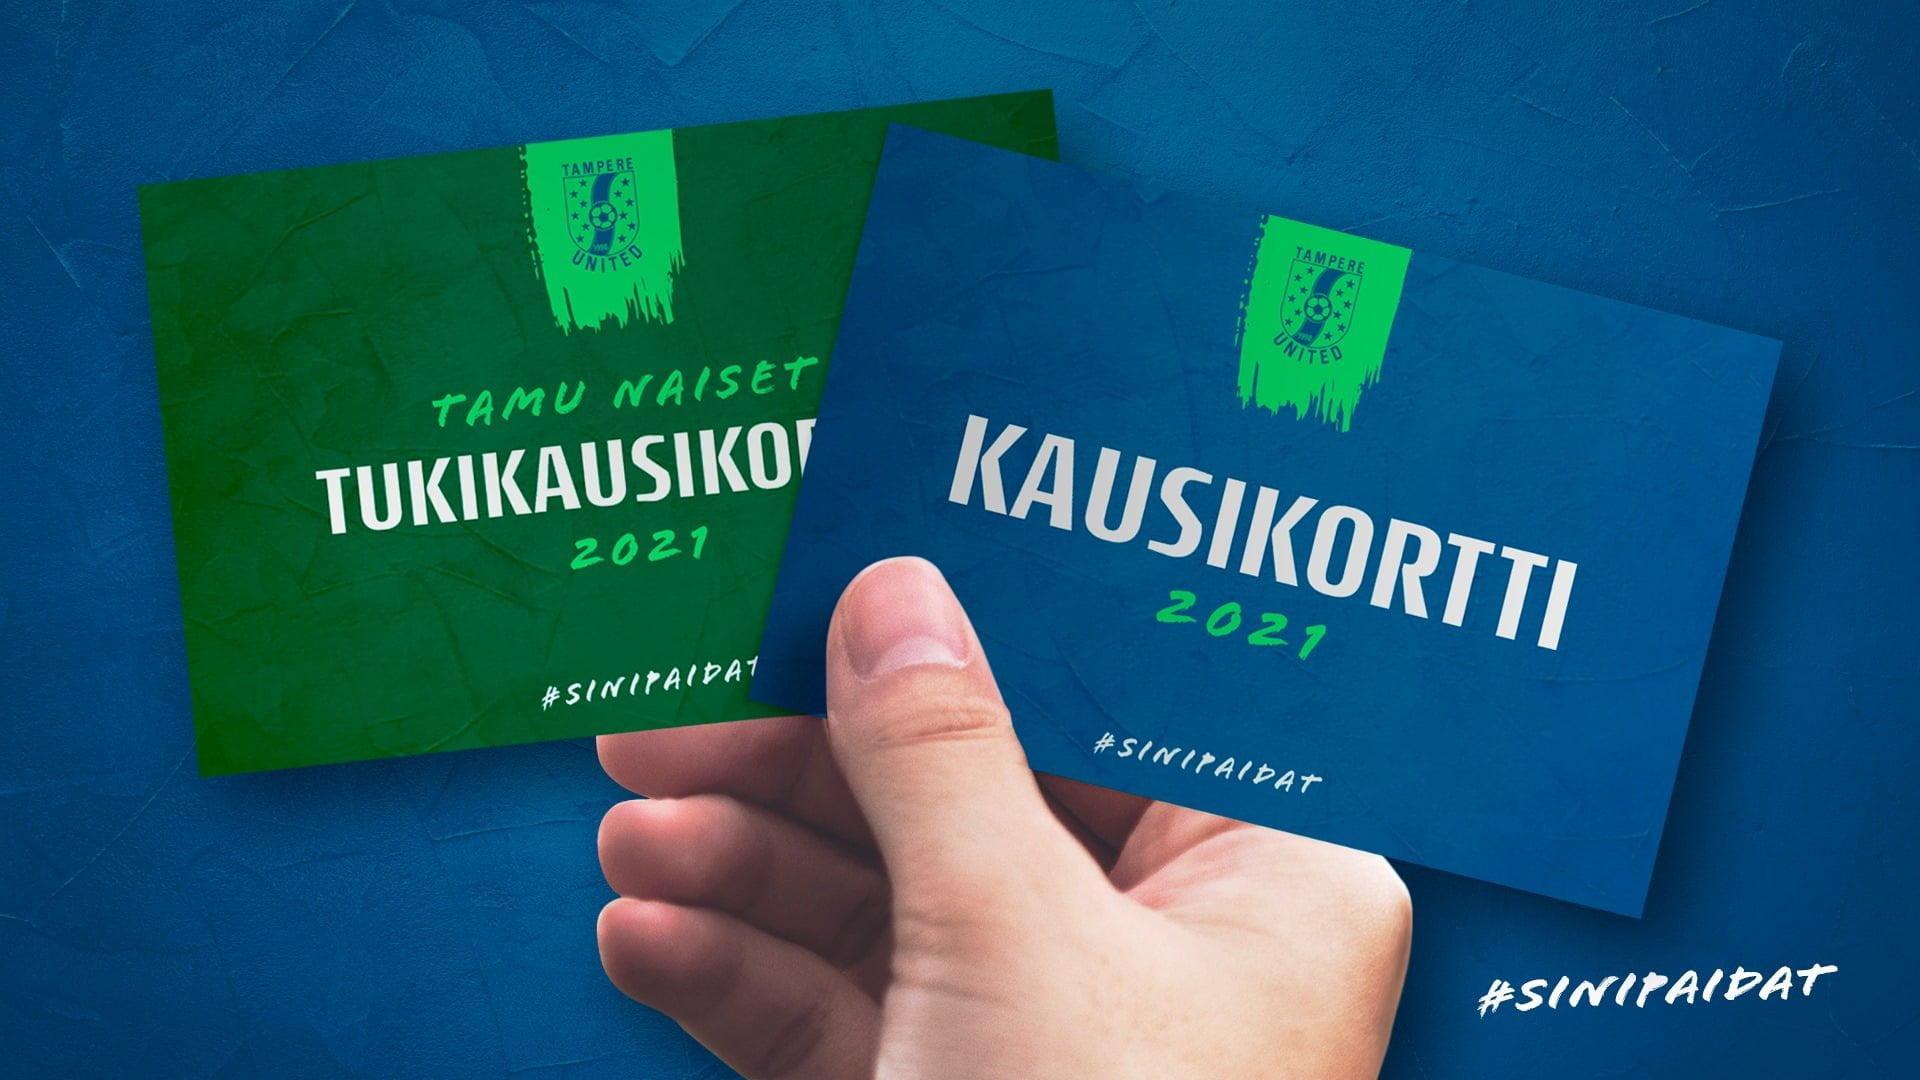 Kausikortit kaudelle 2021 myynnissä – osta myös naisten edustusjoukkueen tukikausari -uutiskuva